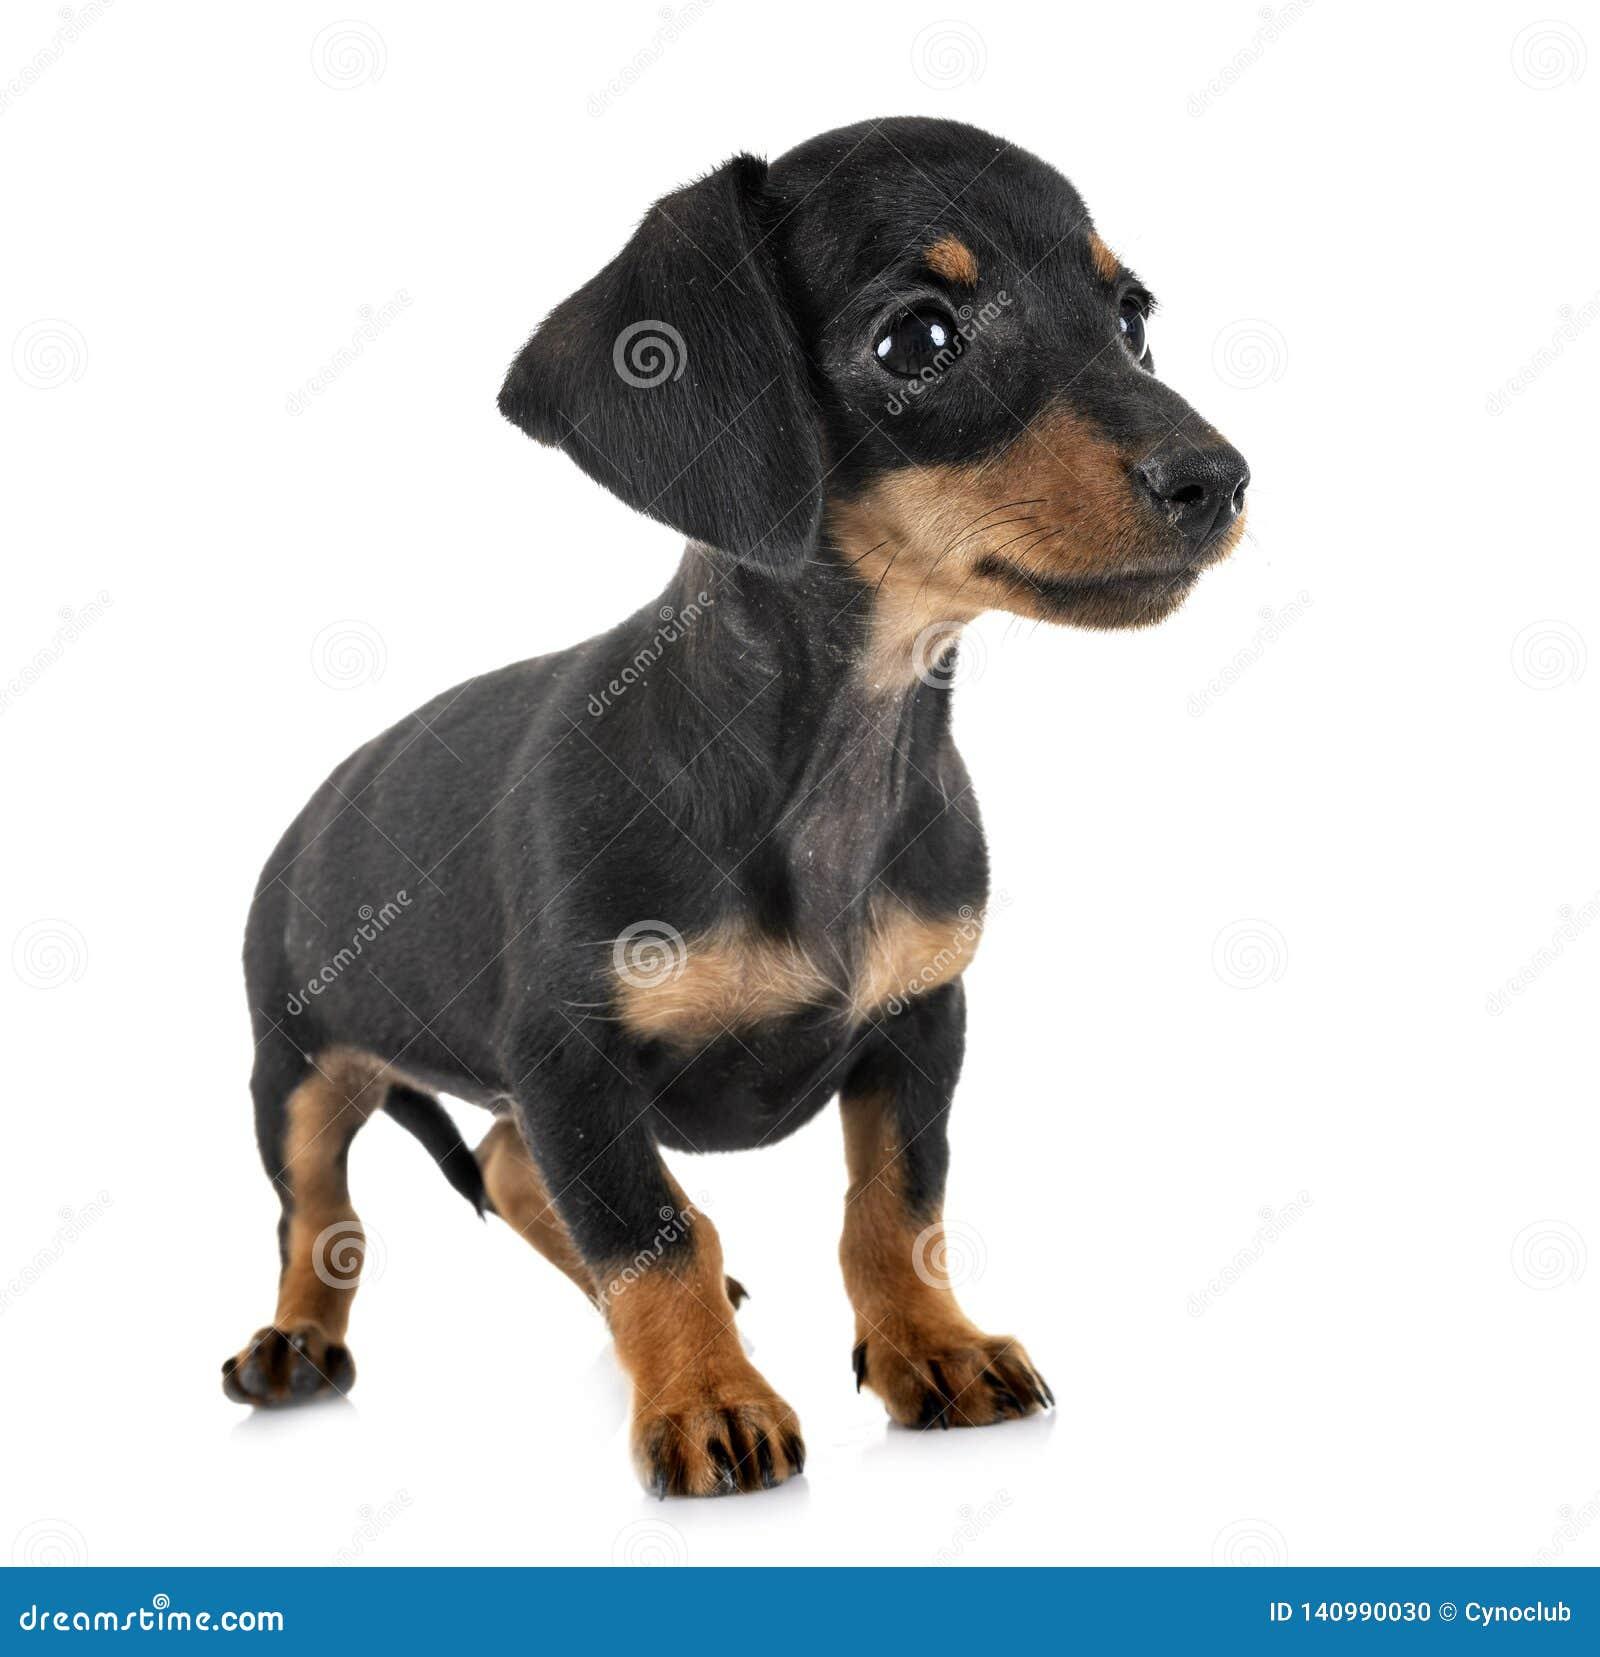 Puppy miniature dachshund